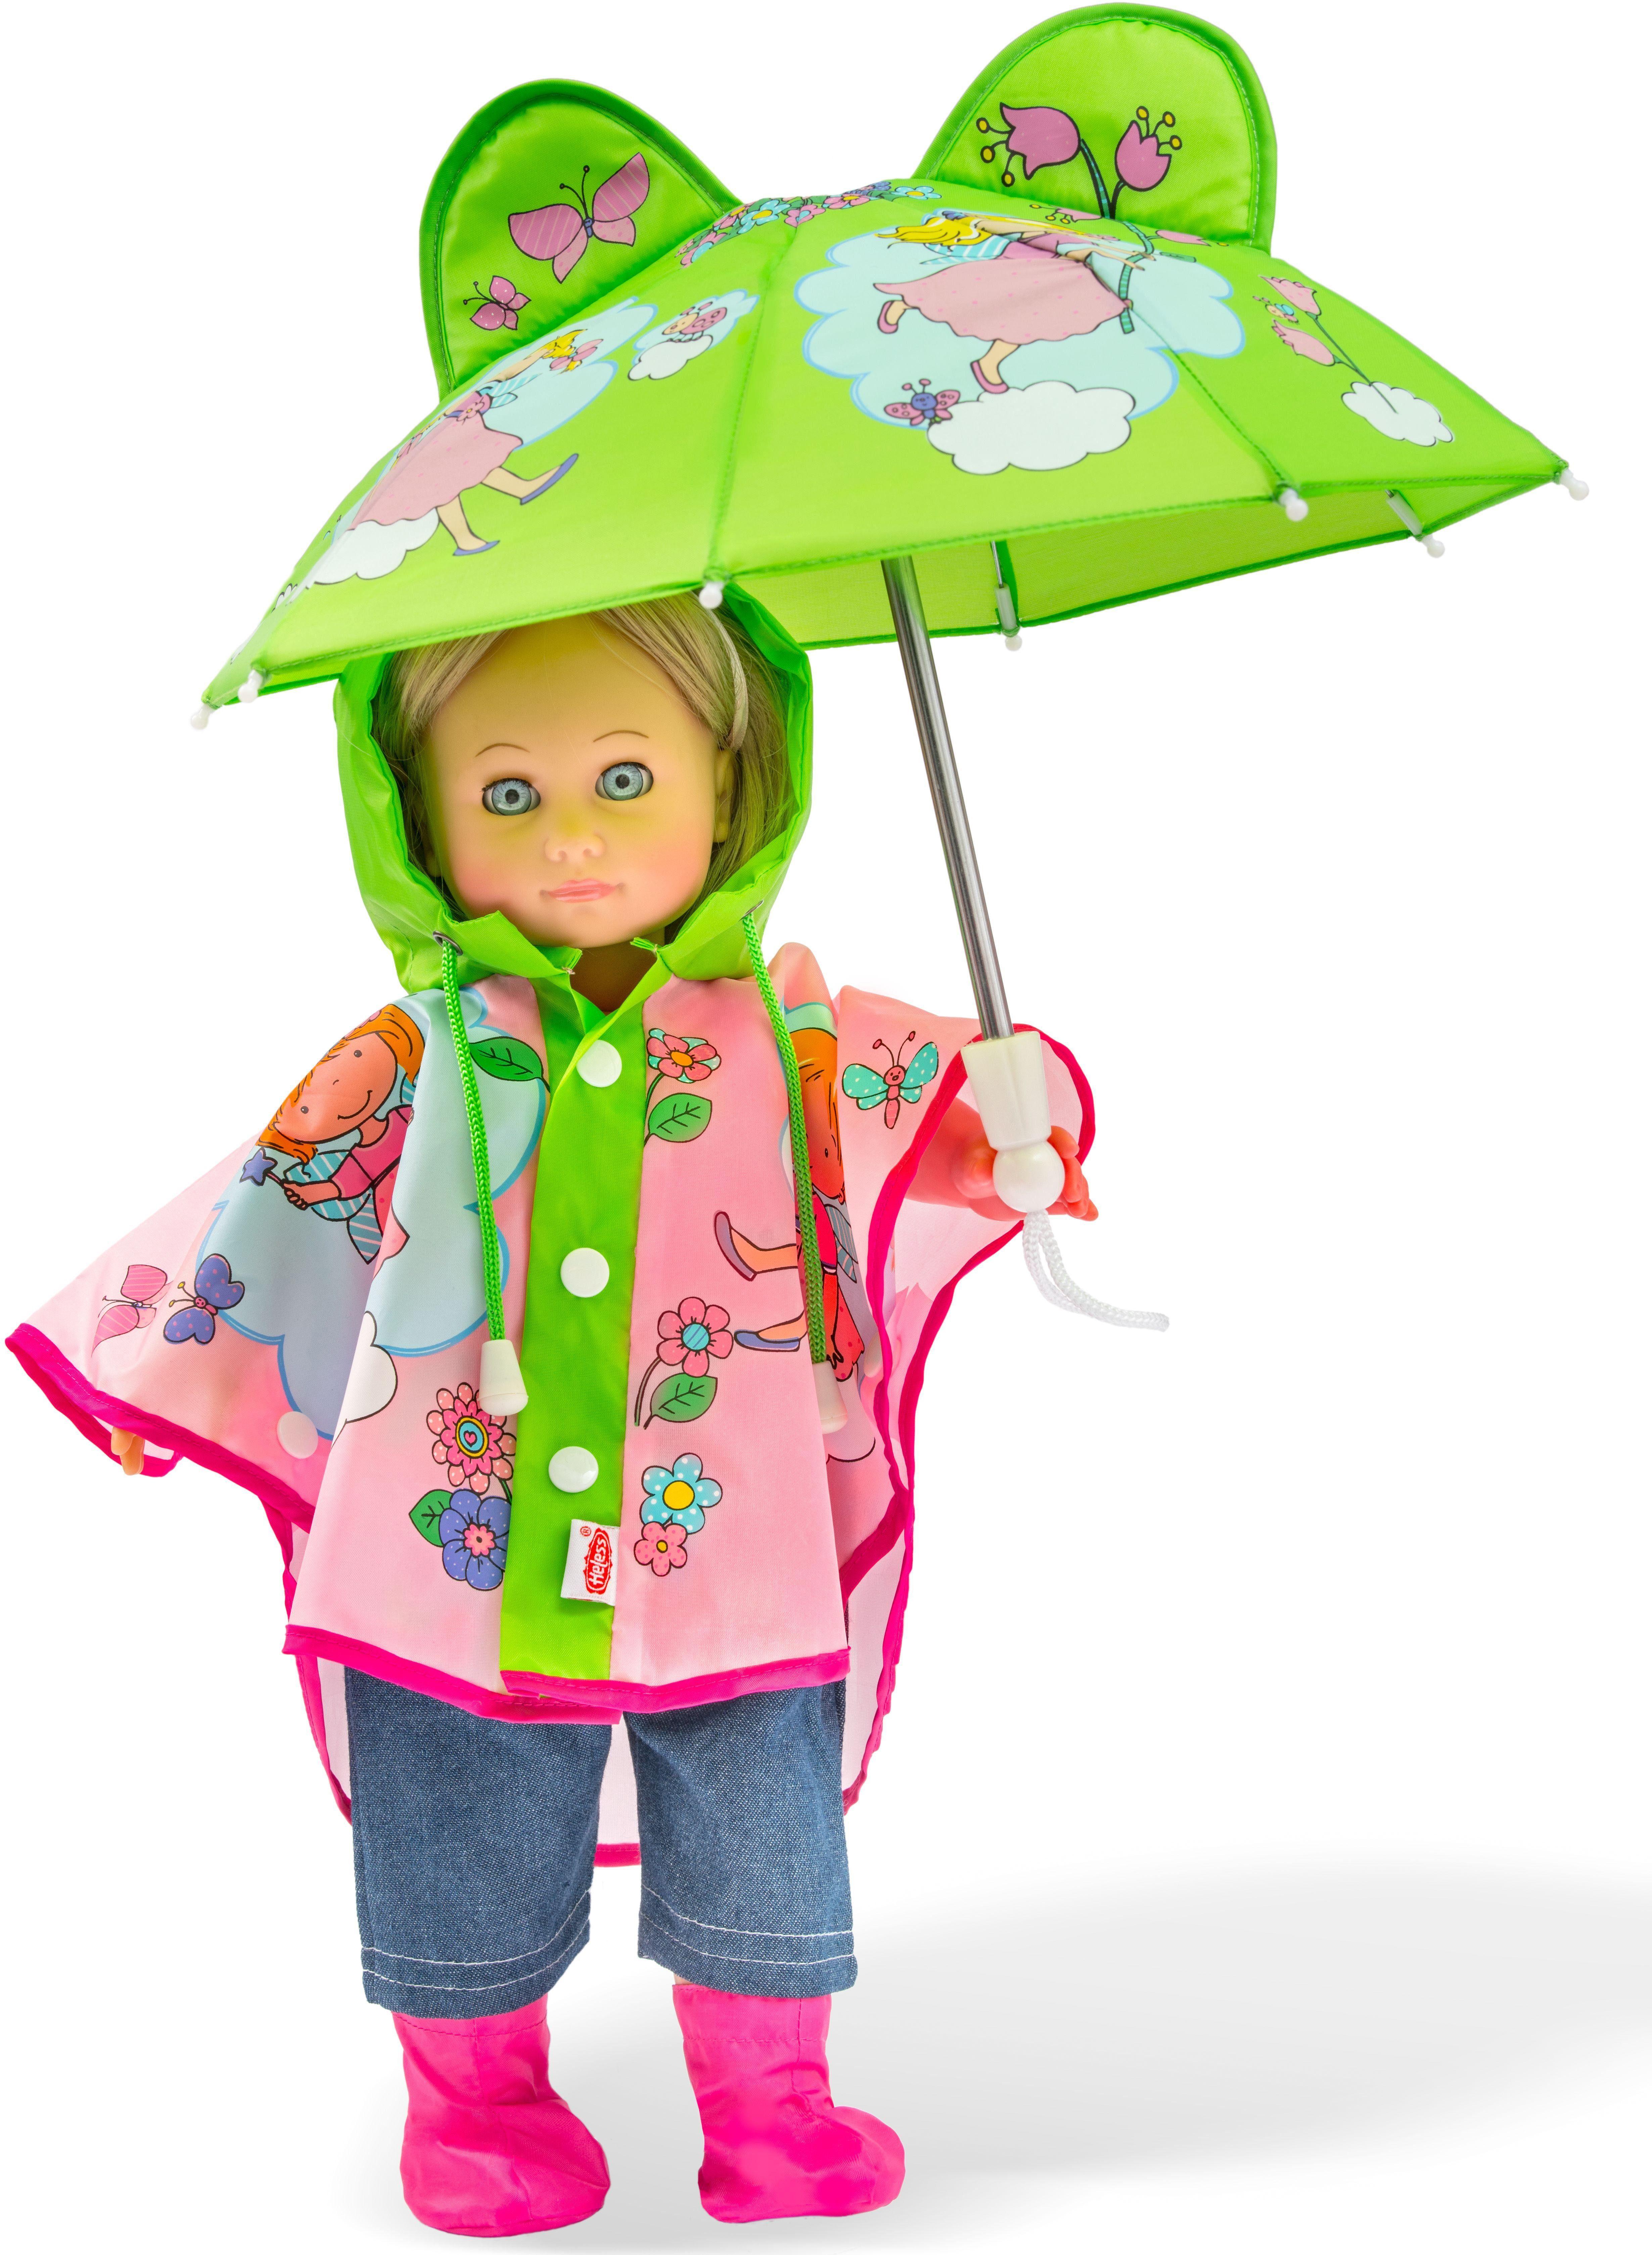 Heless® Puppenkleidung, »Regen-Set, Gr. 35-45 cm«